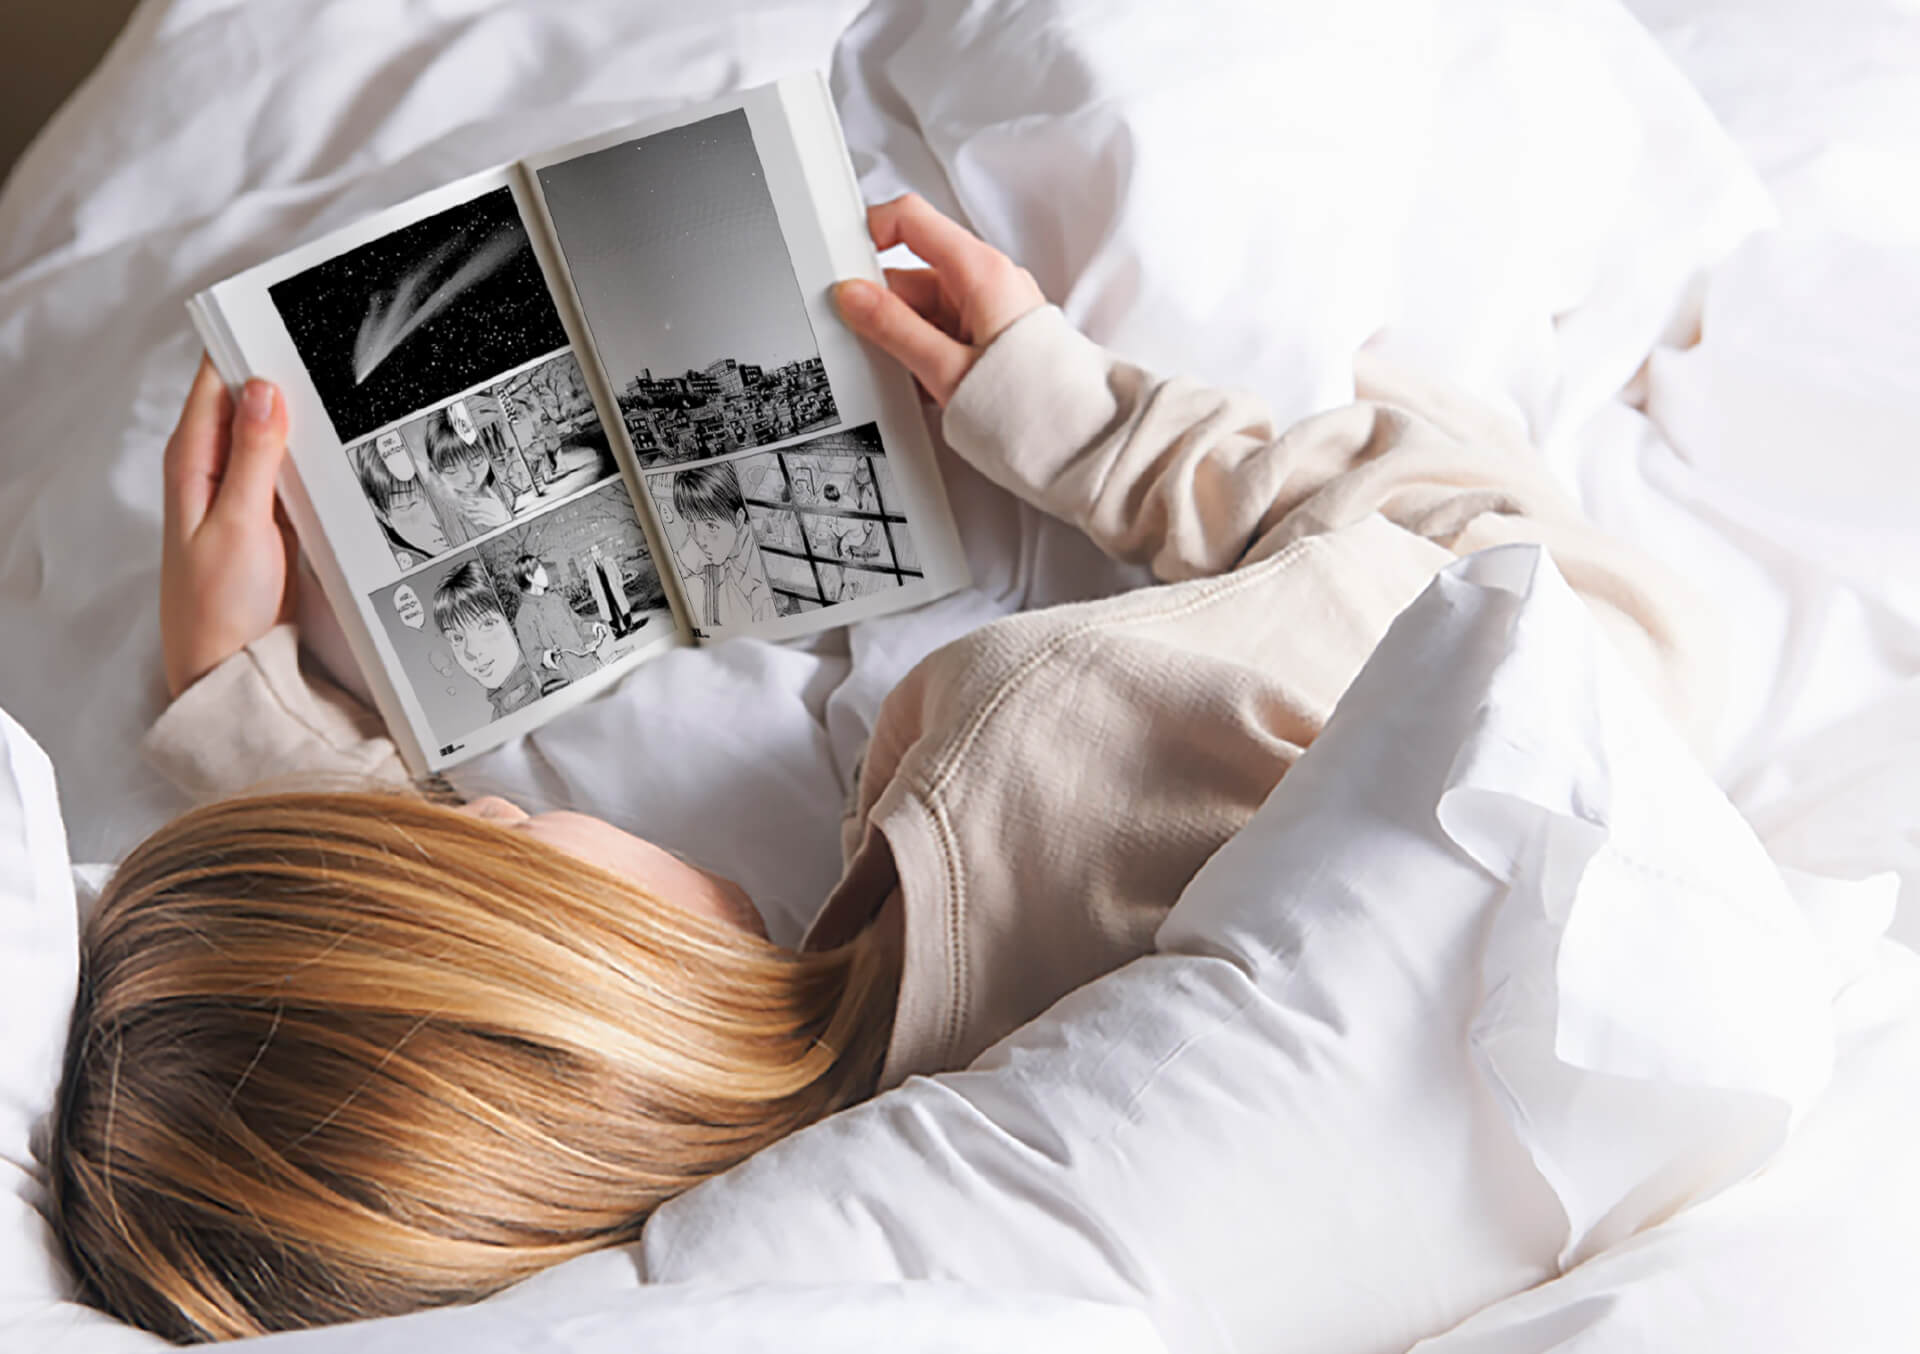 manga-art-hotel-tokyo-2